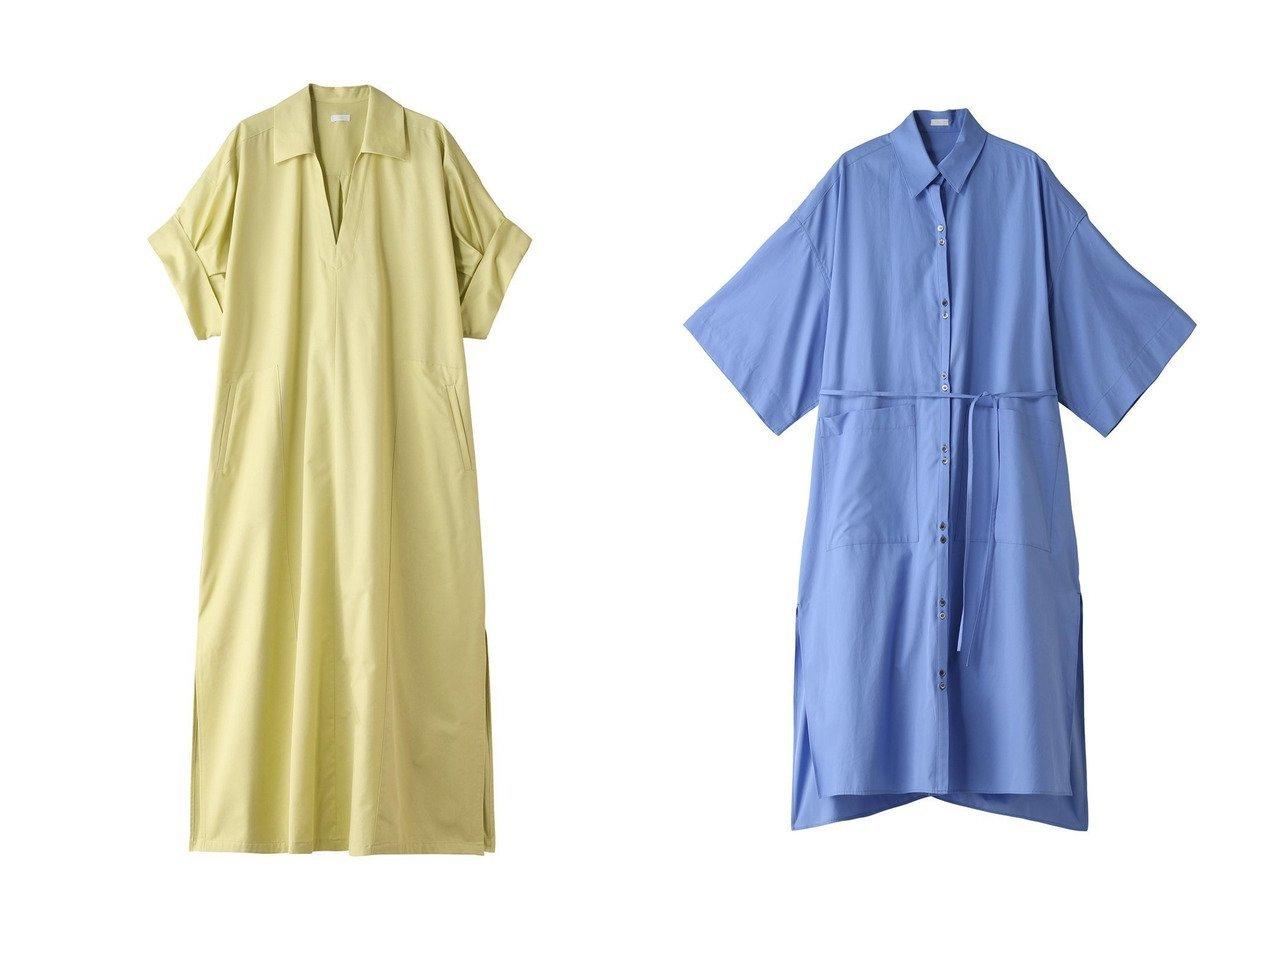 【RITO/リト】のコットンシルクドレス&コットンブロードシャツドレス ワンピース・ドレスのおすすめ!人気、トレンド・レディースファッションの通販 おすすめで人気の流行・トレンド、ファッションの通販商品 メンズファッション・キッズファッション・インテリア・家具・レディースファッション・服の通販 founy(ファニー) https://founy.com/ ファッション Fashion レディースファッション WOMEN ワンピース Dress ドレス Party Dresses 2021年 2021 2021 春夏 S/S SS Spring/Summer 2021 S/S 春夏 SS Spring/Summer なめらか シルク スリット ミックス ロング 春 Spring |ID:crp329100000013080